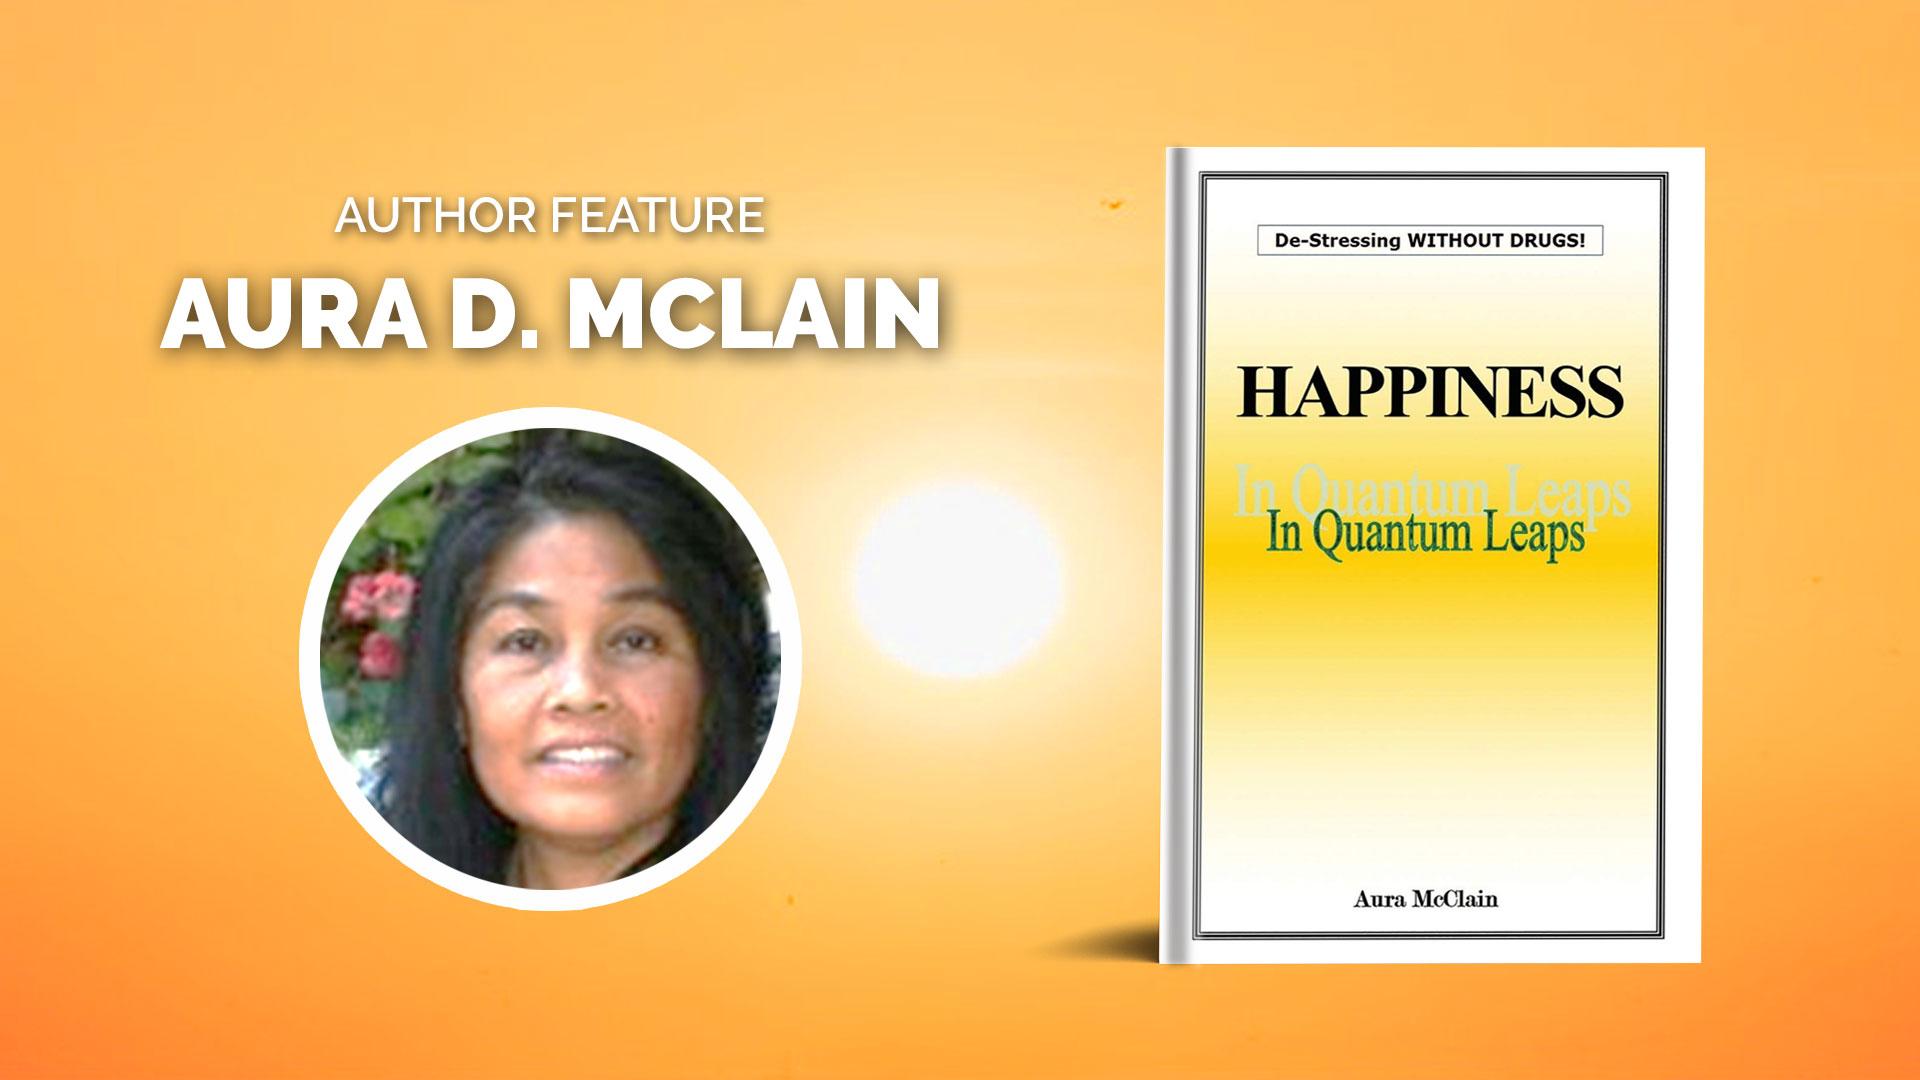 Author-Feature-Aura-D.-McClain banner